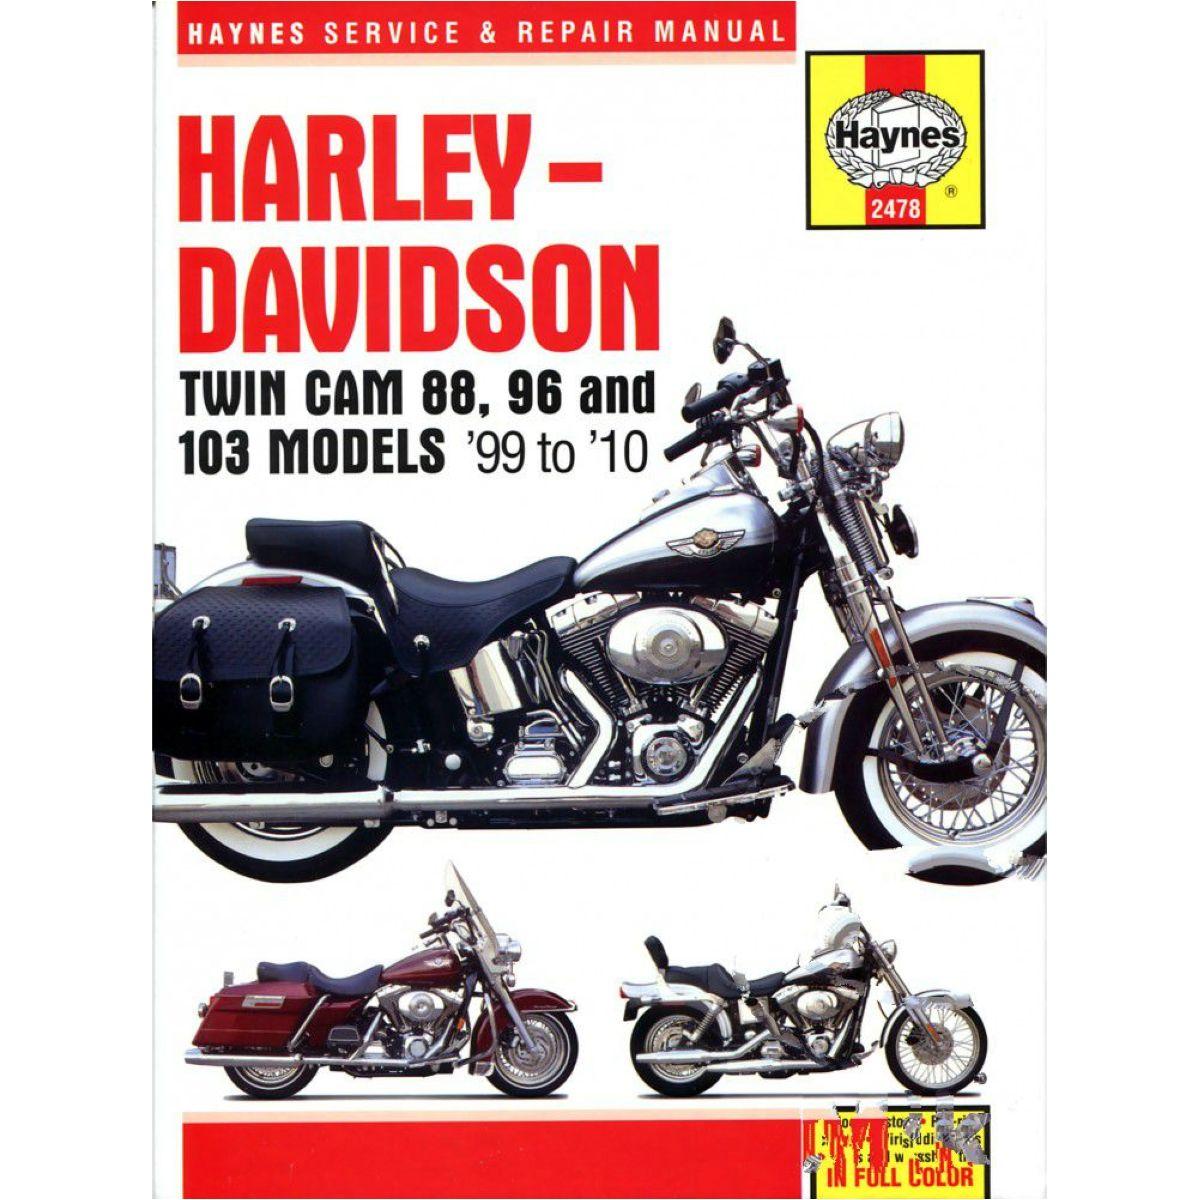 Reparatur Anleitung Harley 2478 für Harley Davidson FXD Dyna Super Glide  1450 GHV 2001, 68/34 PS, 50/25 kw